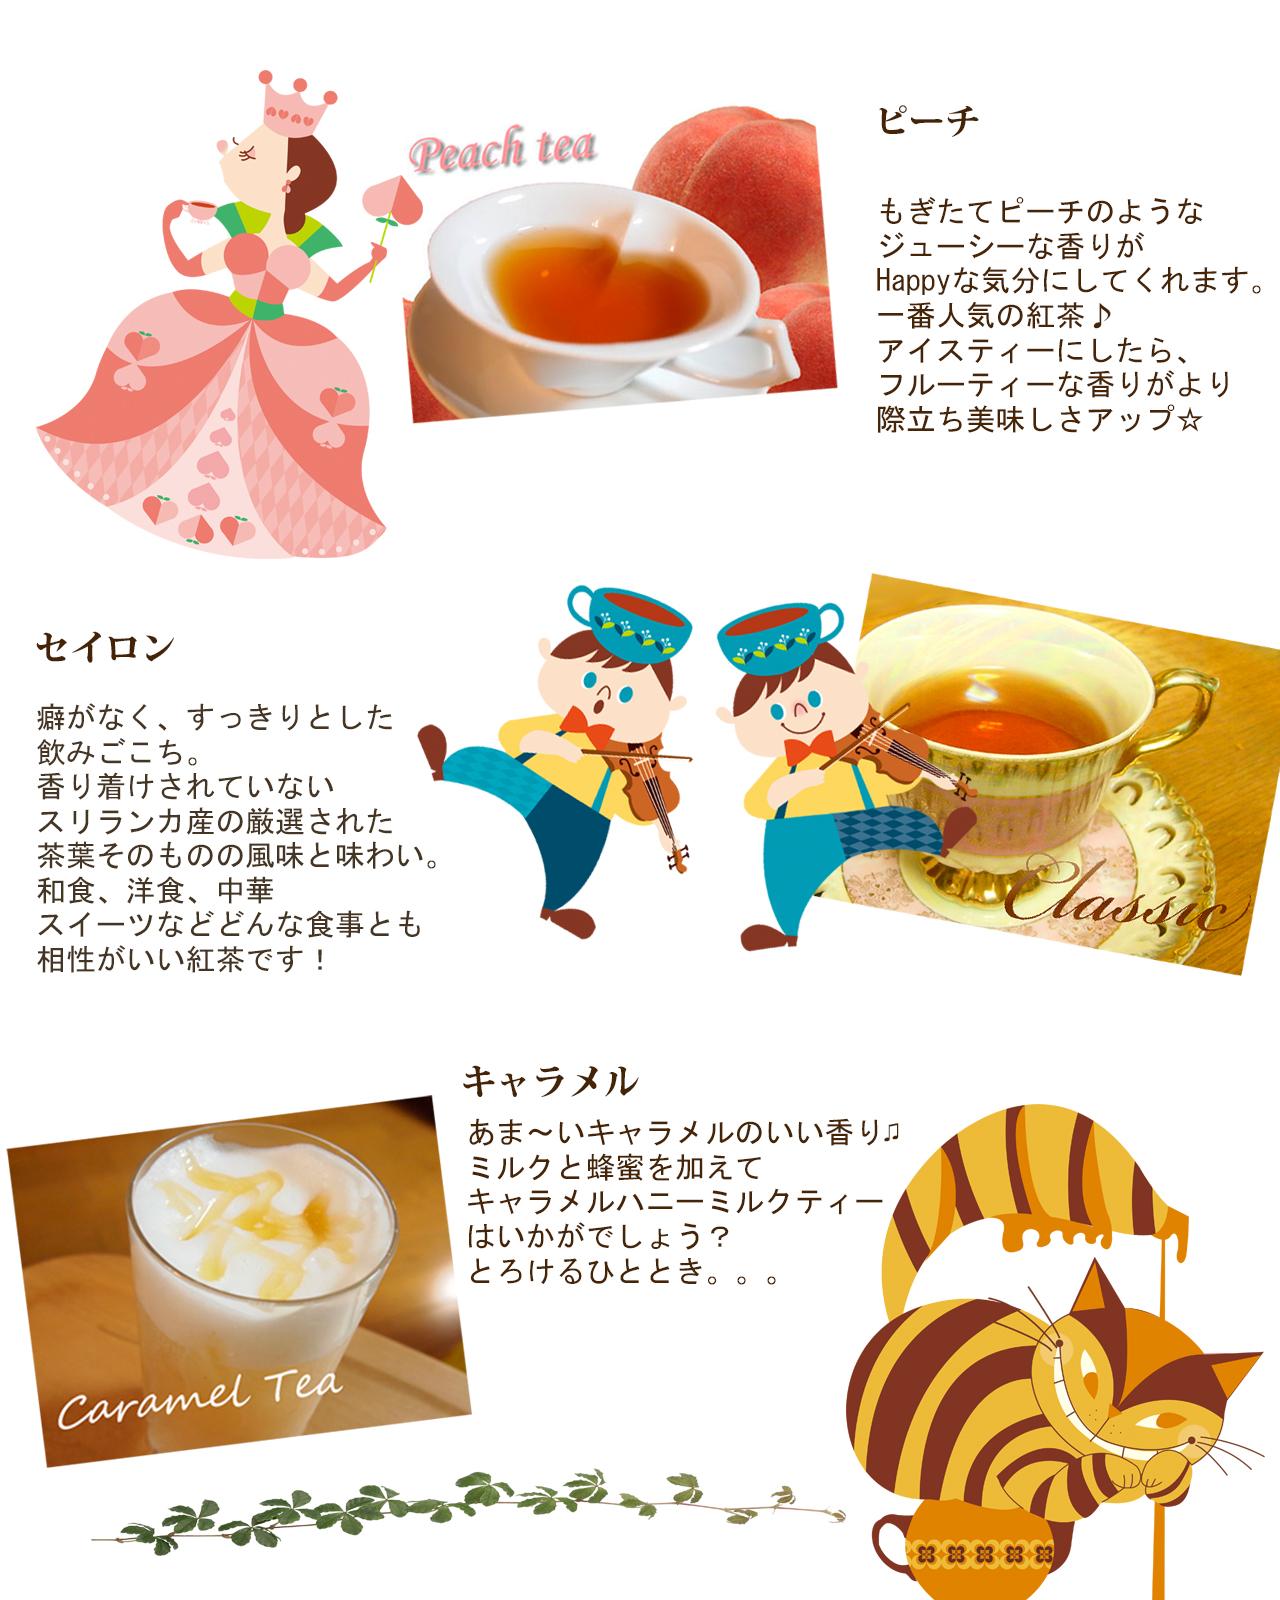 カフェインレス 紅茶 ティーバッグ 選べる3点 ギフトセット【 出産祝い 内祝い お中元 退職祝い プレゼント】 (ギフトラッピング 無料 ) ノンカフェイン[紅茶の国のアリス]